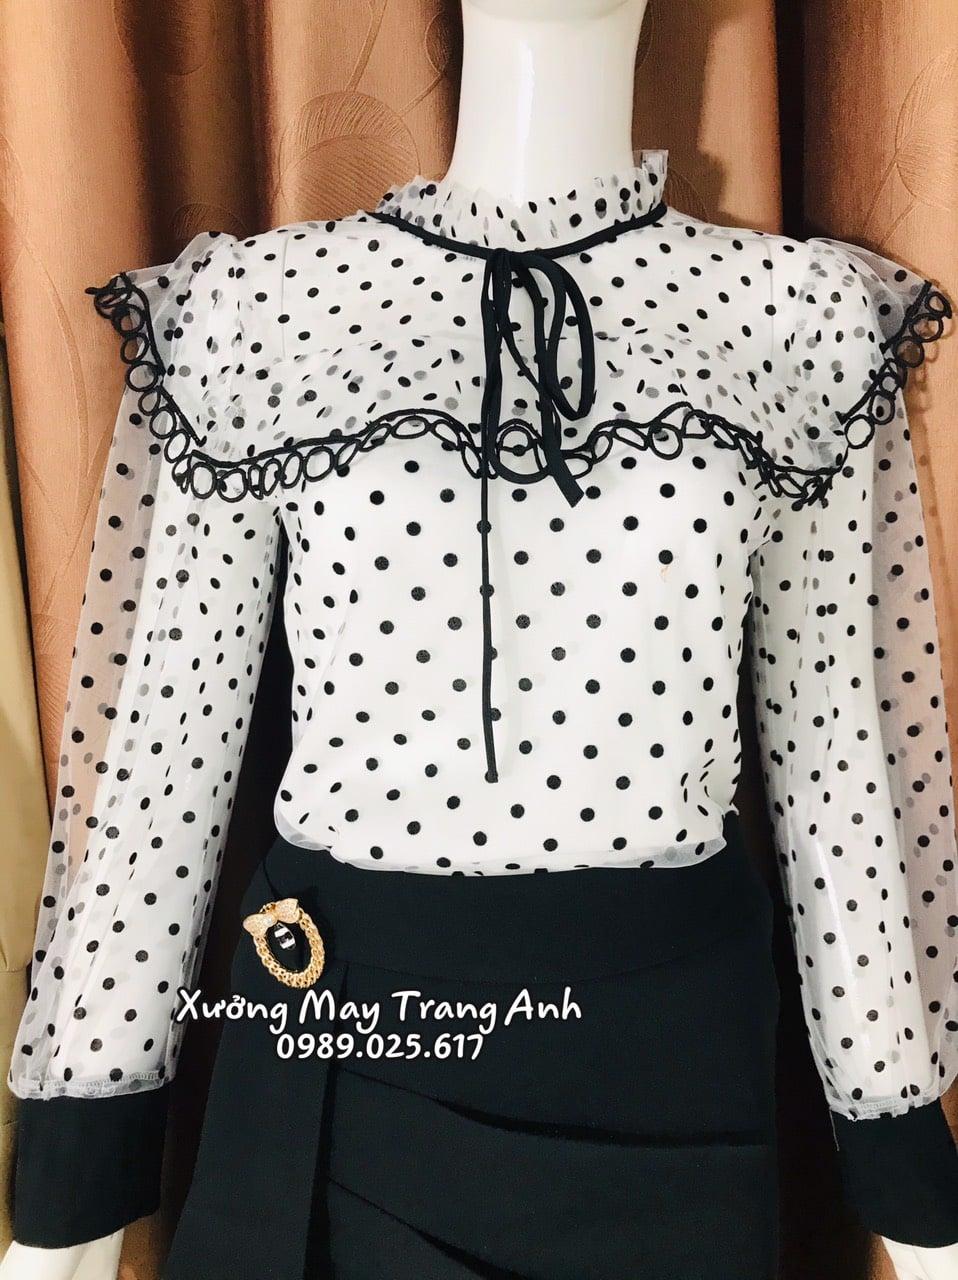 Xưởng may Trang Anh gợi ý các mẫu áo sơ mi giúp bạn nữ tự tin sải bước - Ảnh 3